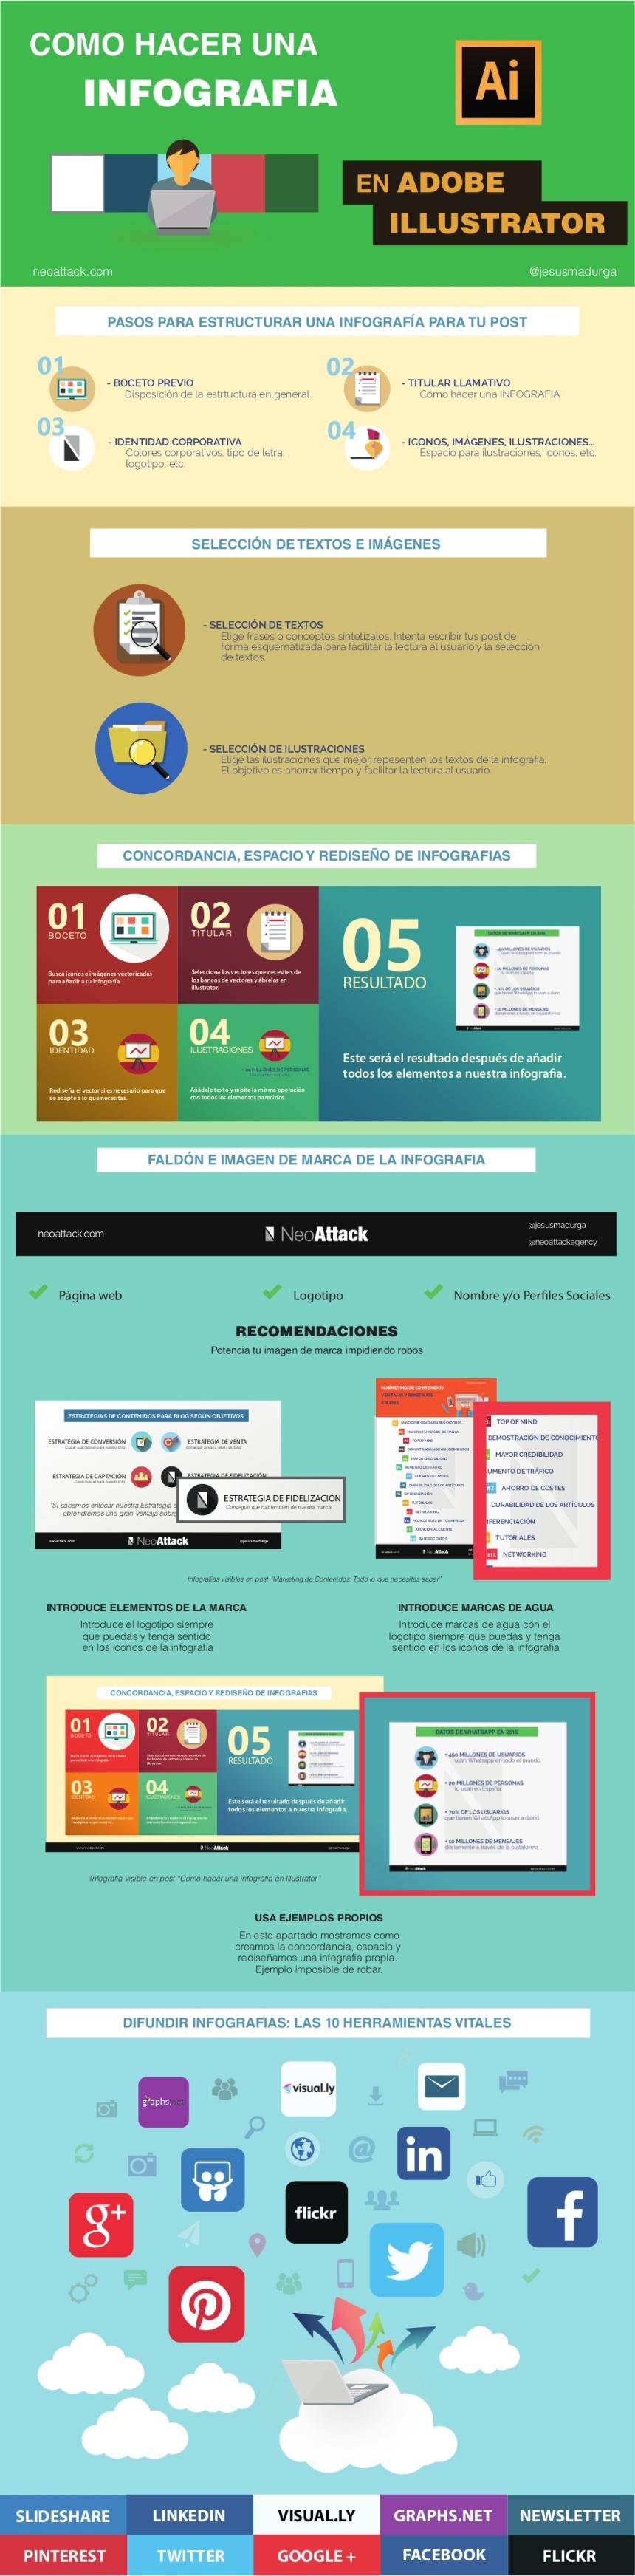 Cómo hacer una infografía con Adobe Ilustrator